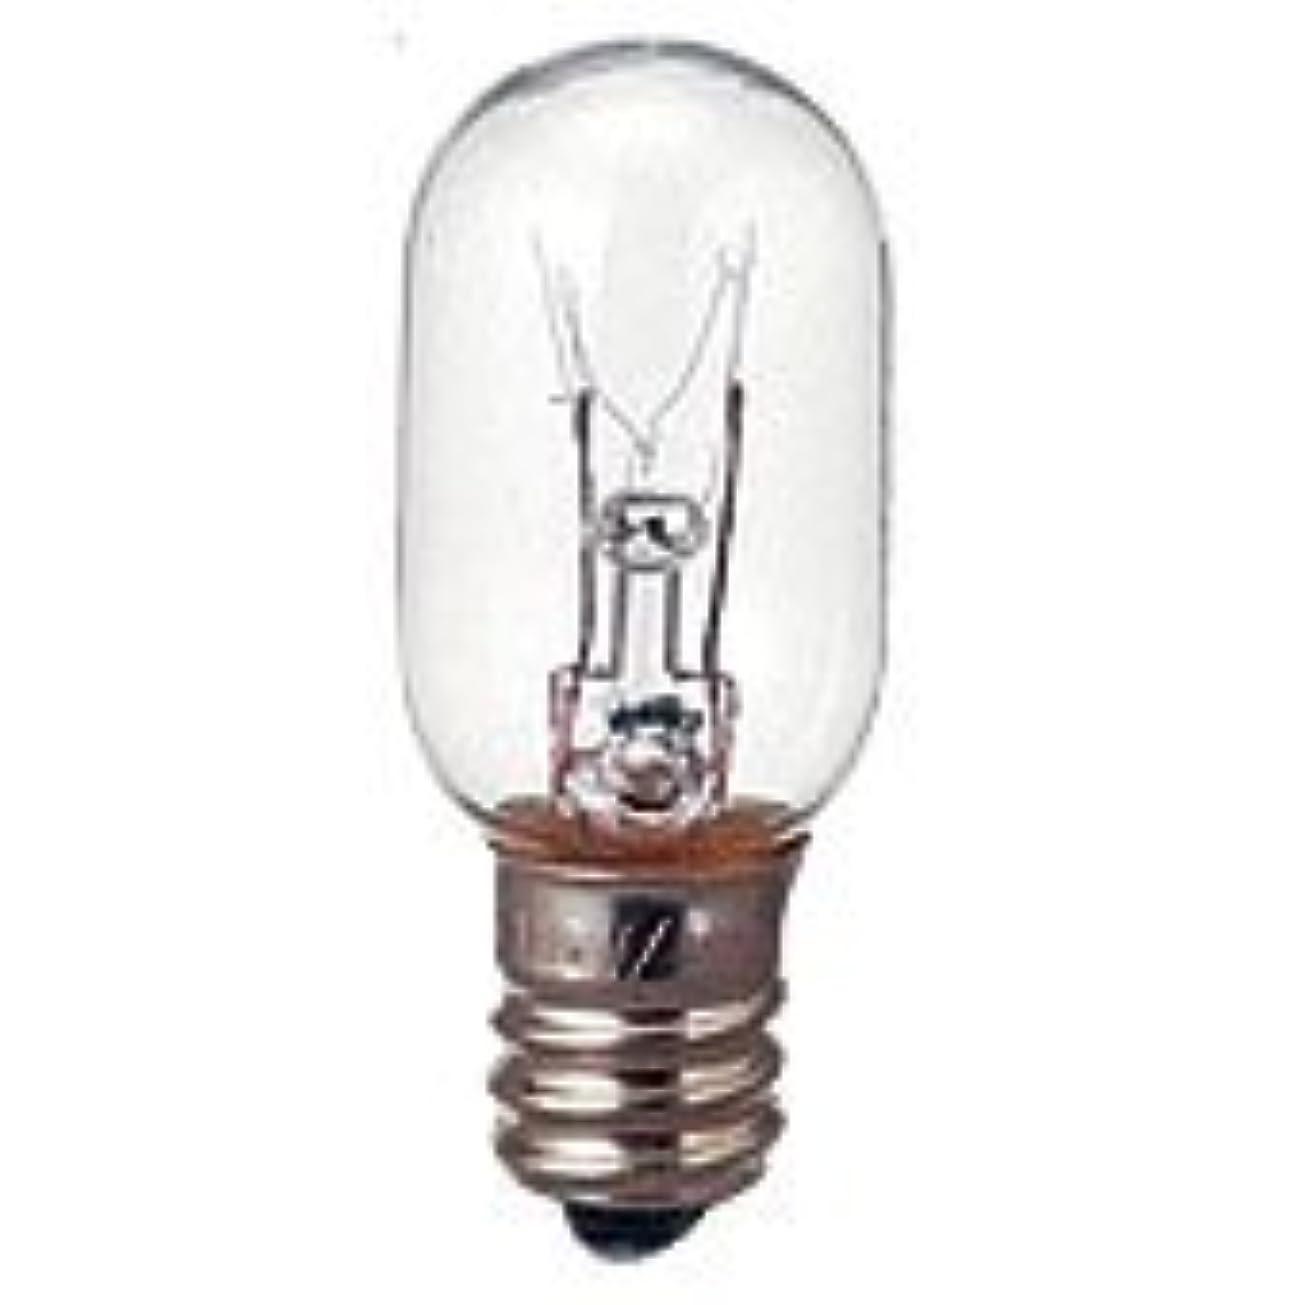 ドレス和らげるクラック生活の木 オールナイト用電球(5W)